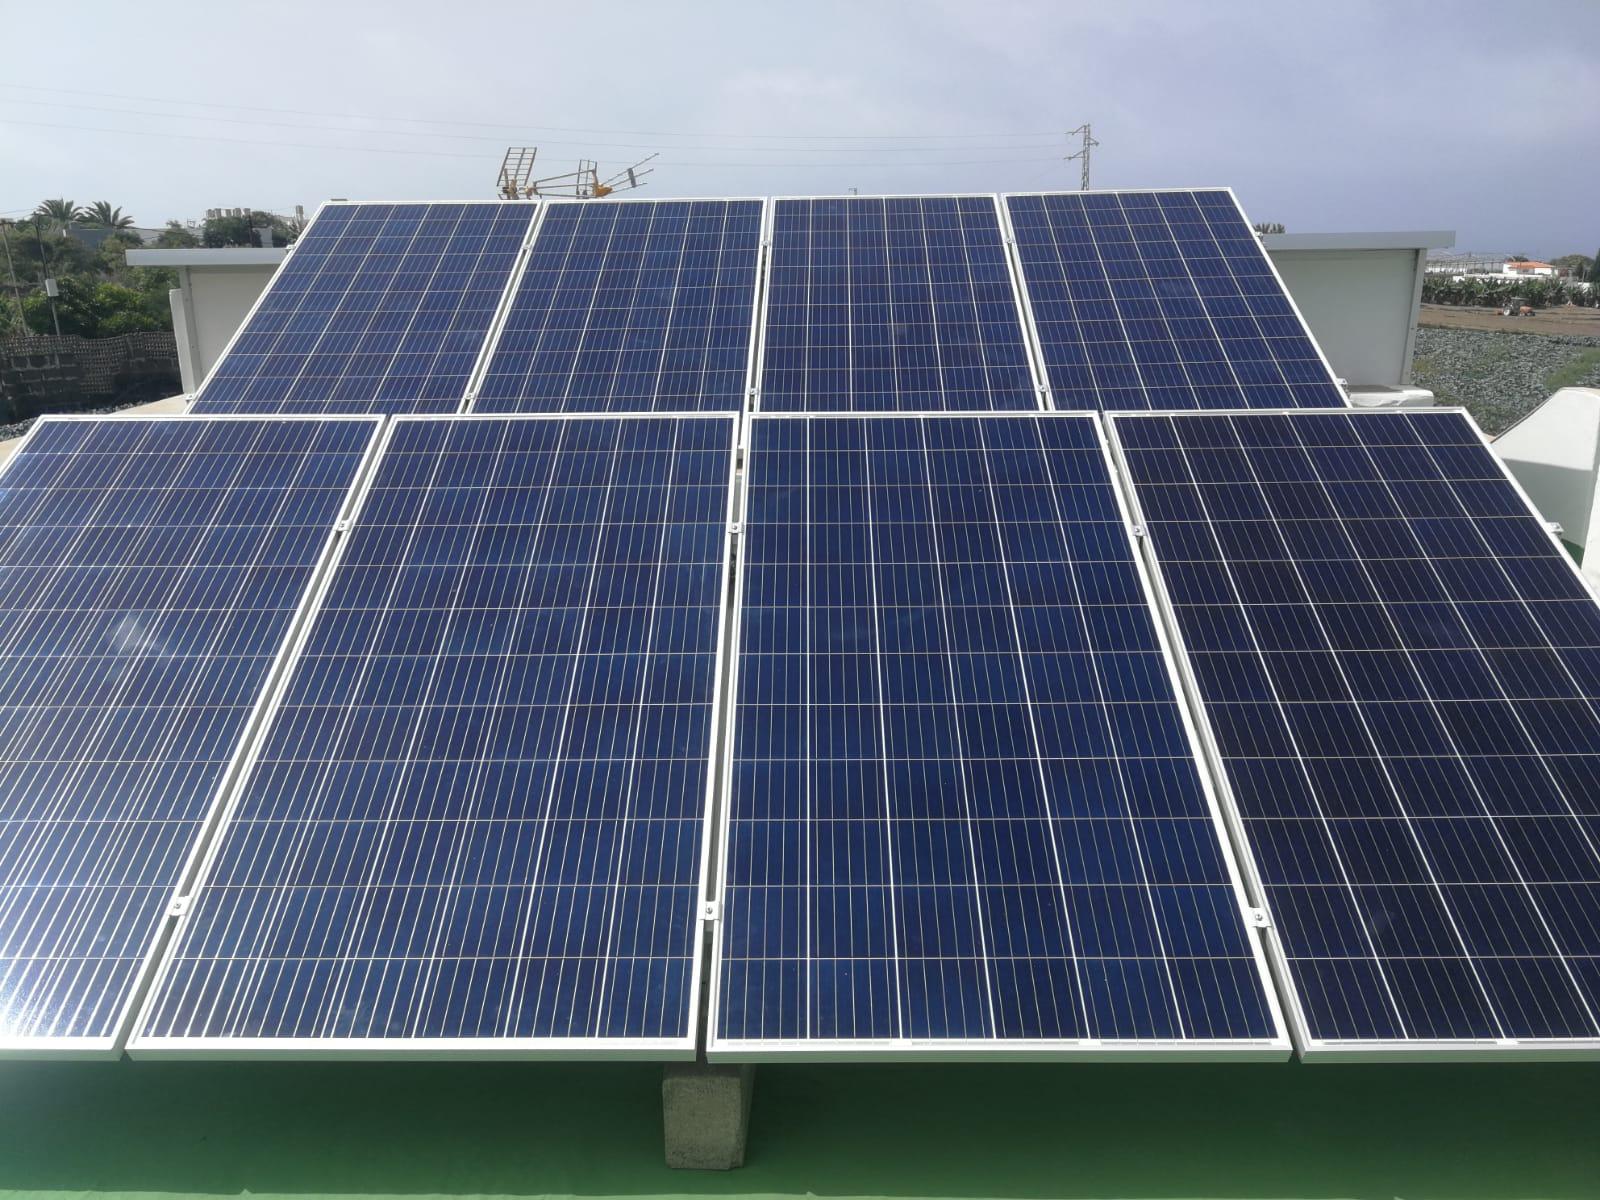 Instalación fotovoltaica aislada - Moya